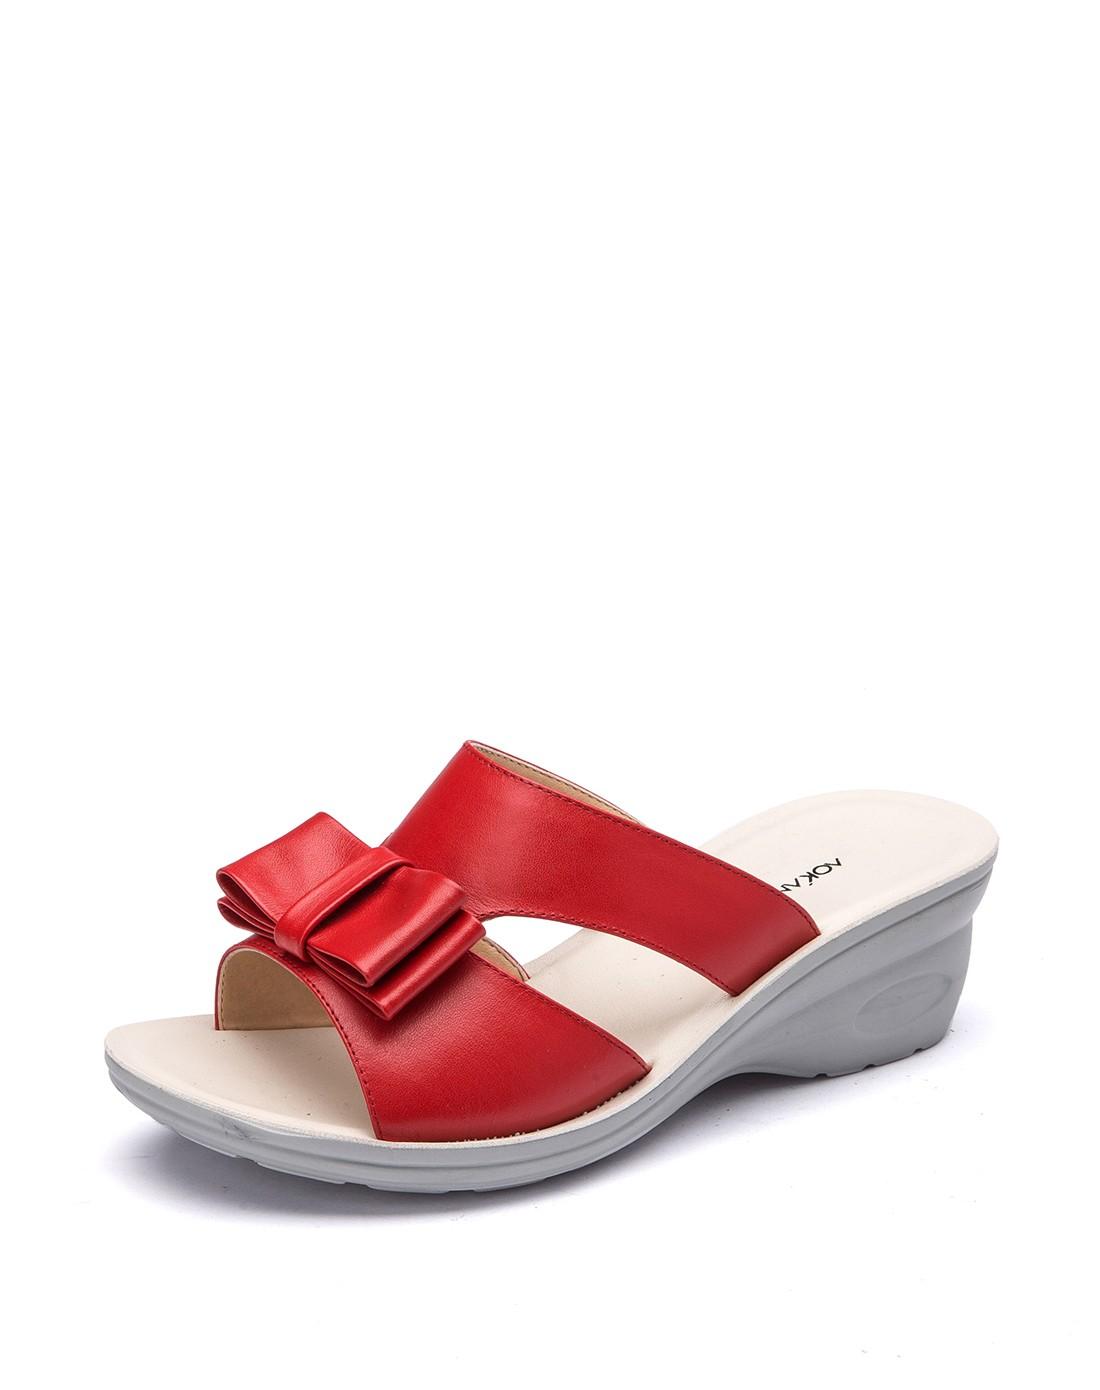 奥康aokang2015新款舒适坡跟软面时尚女凉拖鞋_唯品